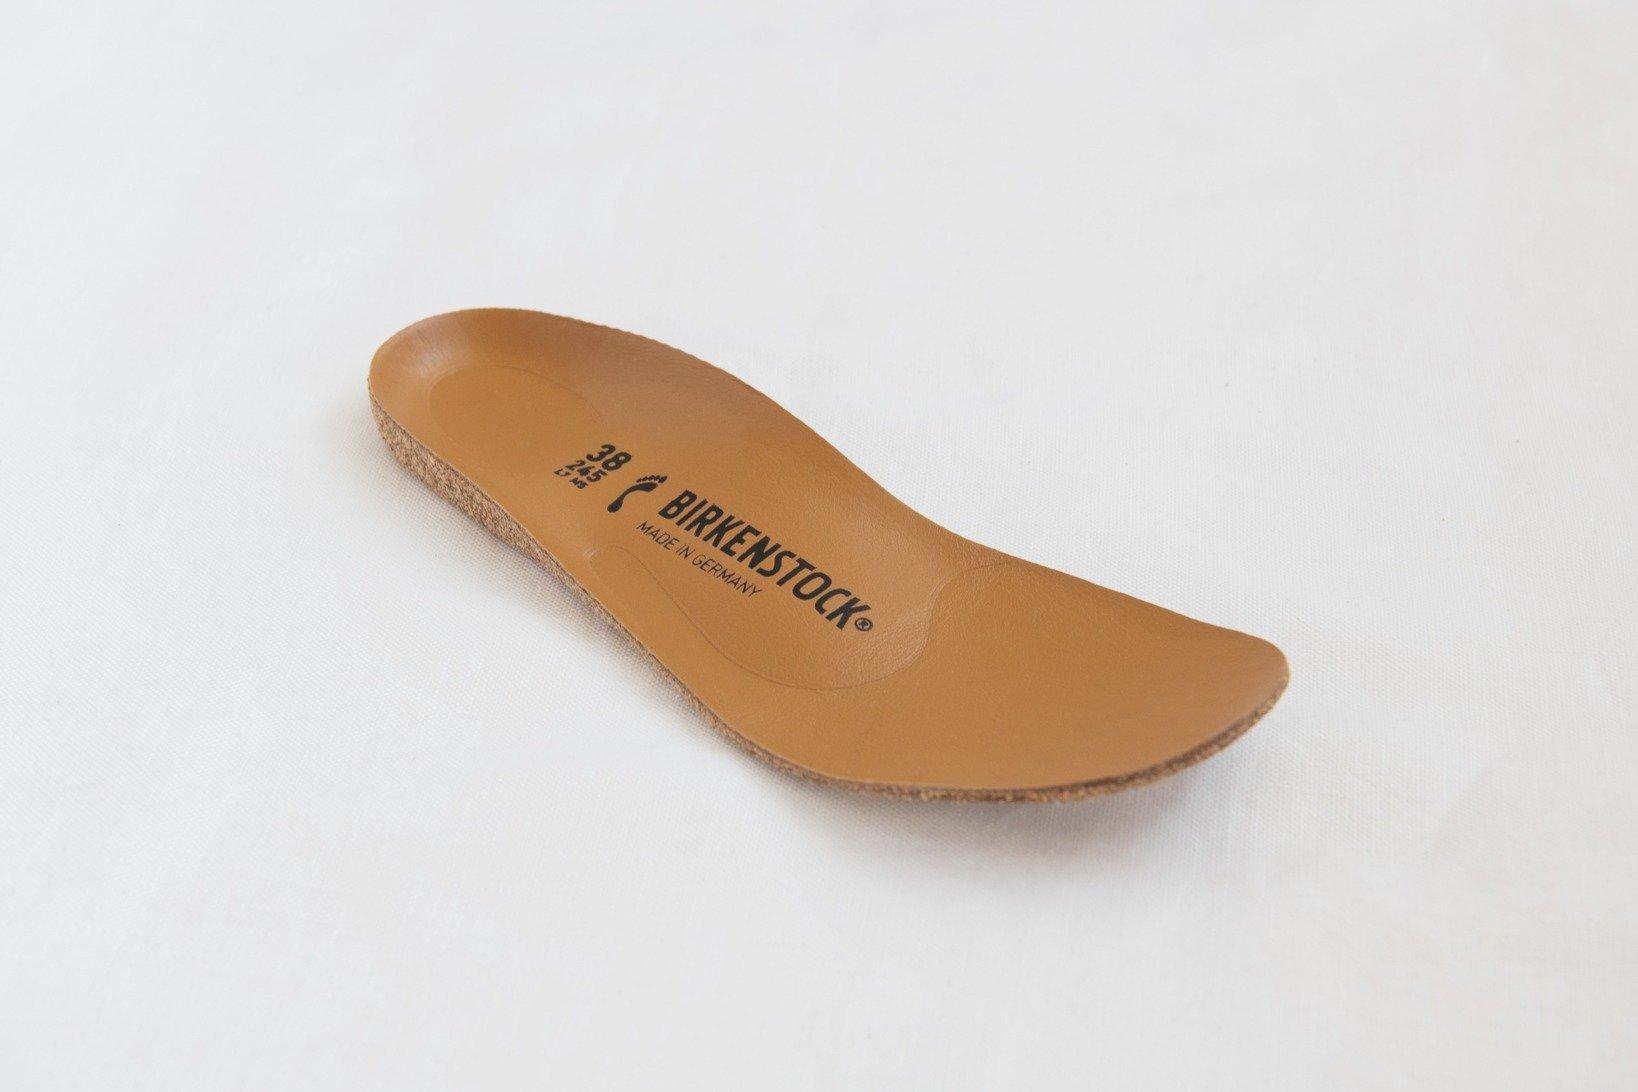 ビルケンシュトックの代名詞・フットベッド。以前から環境負荷の少ない素材で作られている。